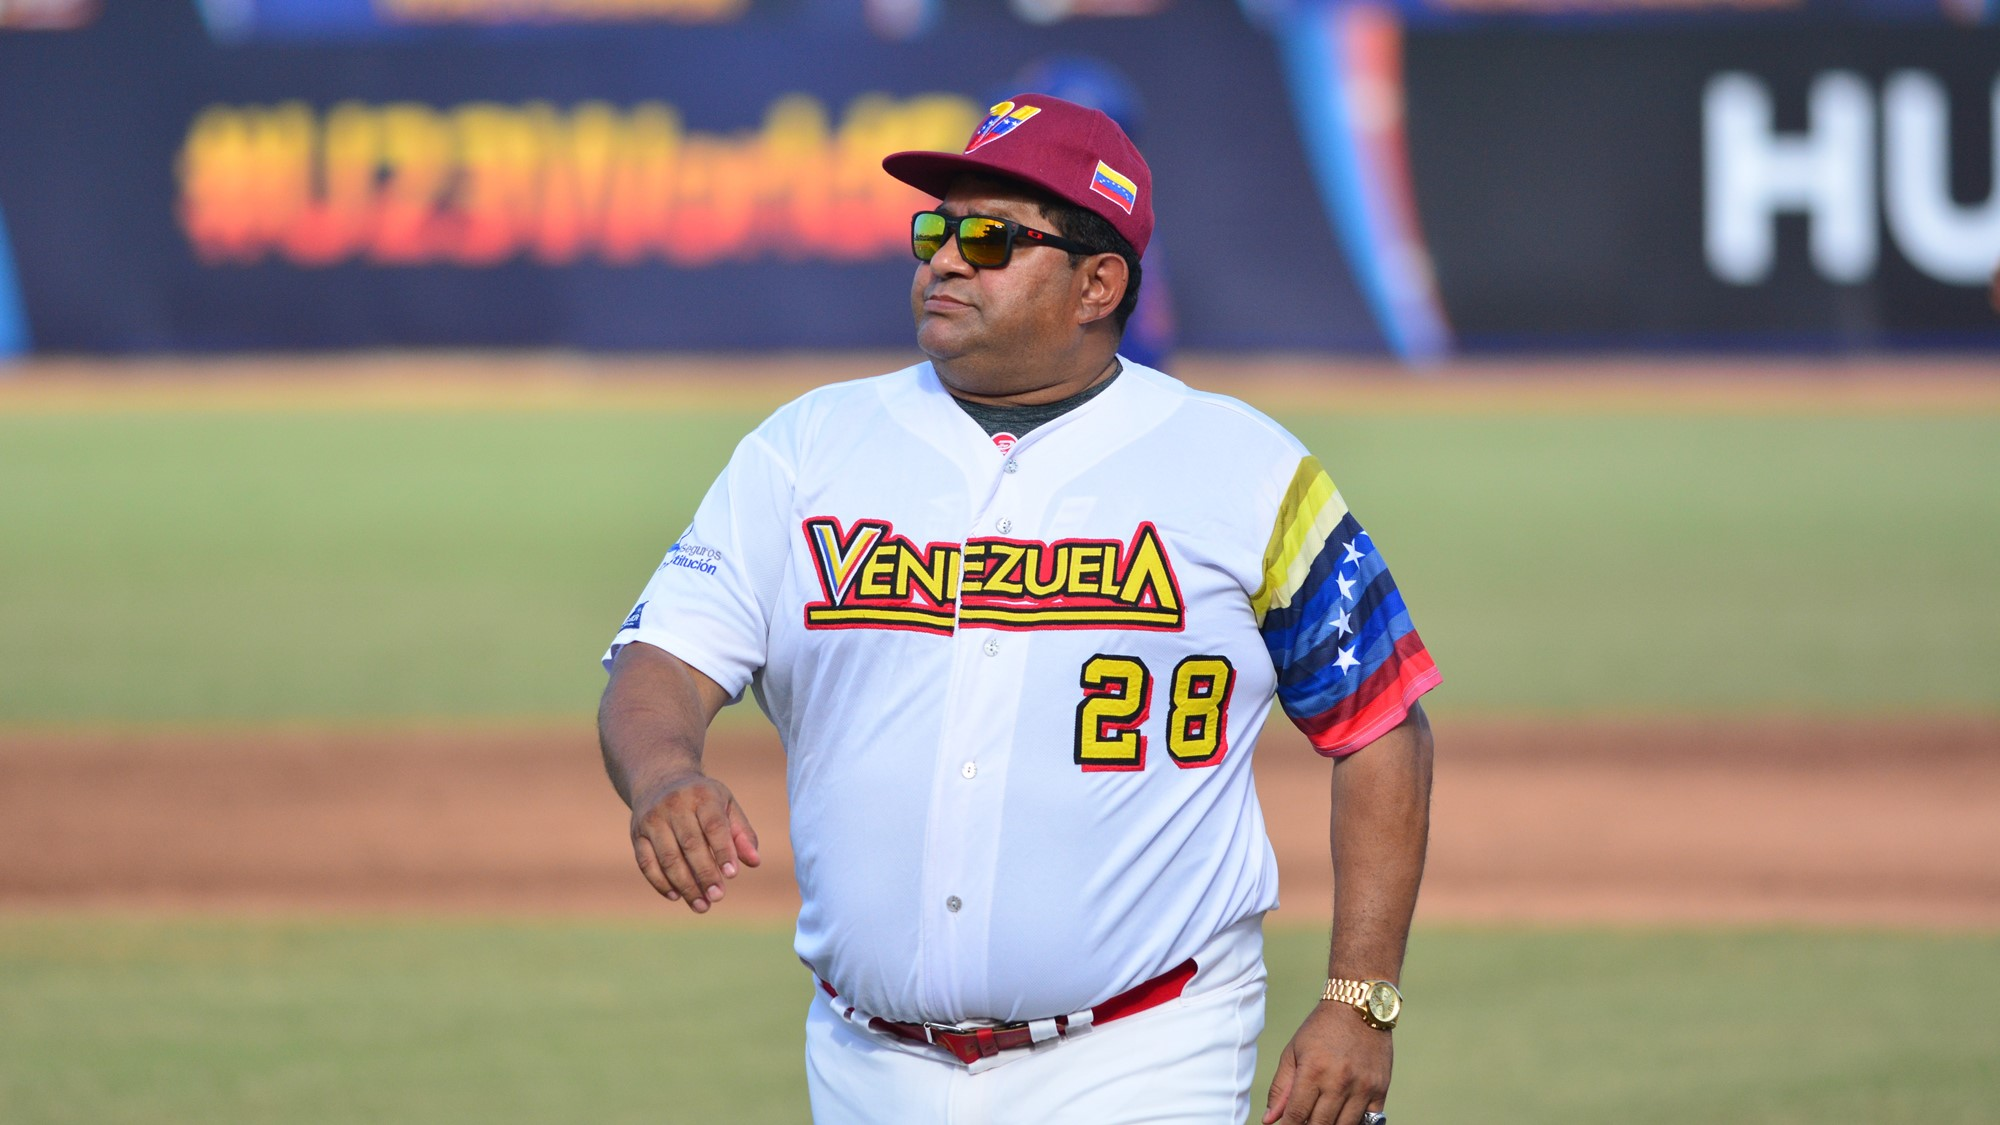 Carlos Moya, Venezuela's manager